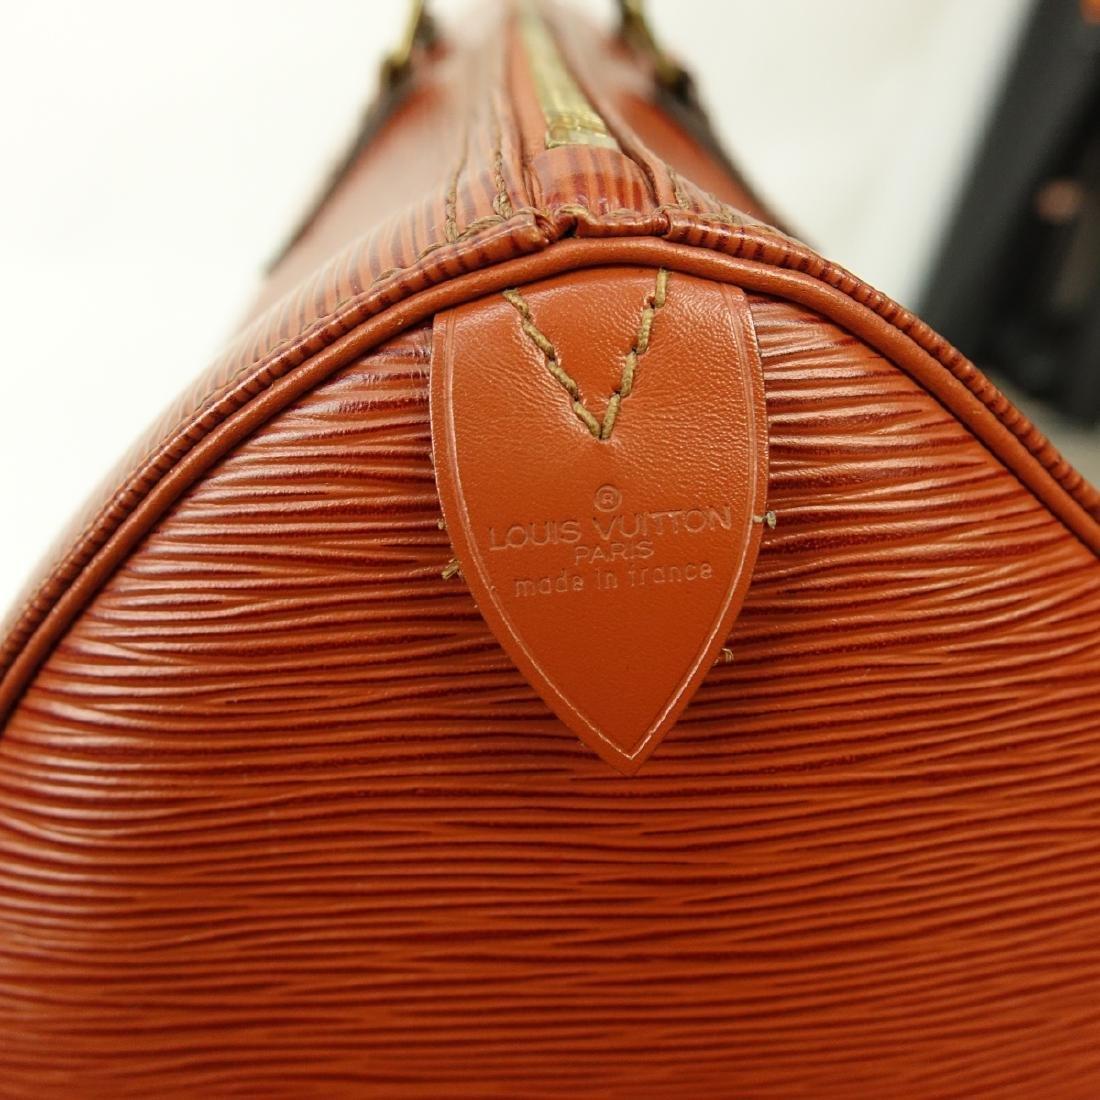 Louis Vuitton Tan Epi Leather Speedy 40 Bag - 6